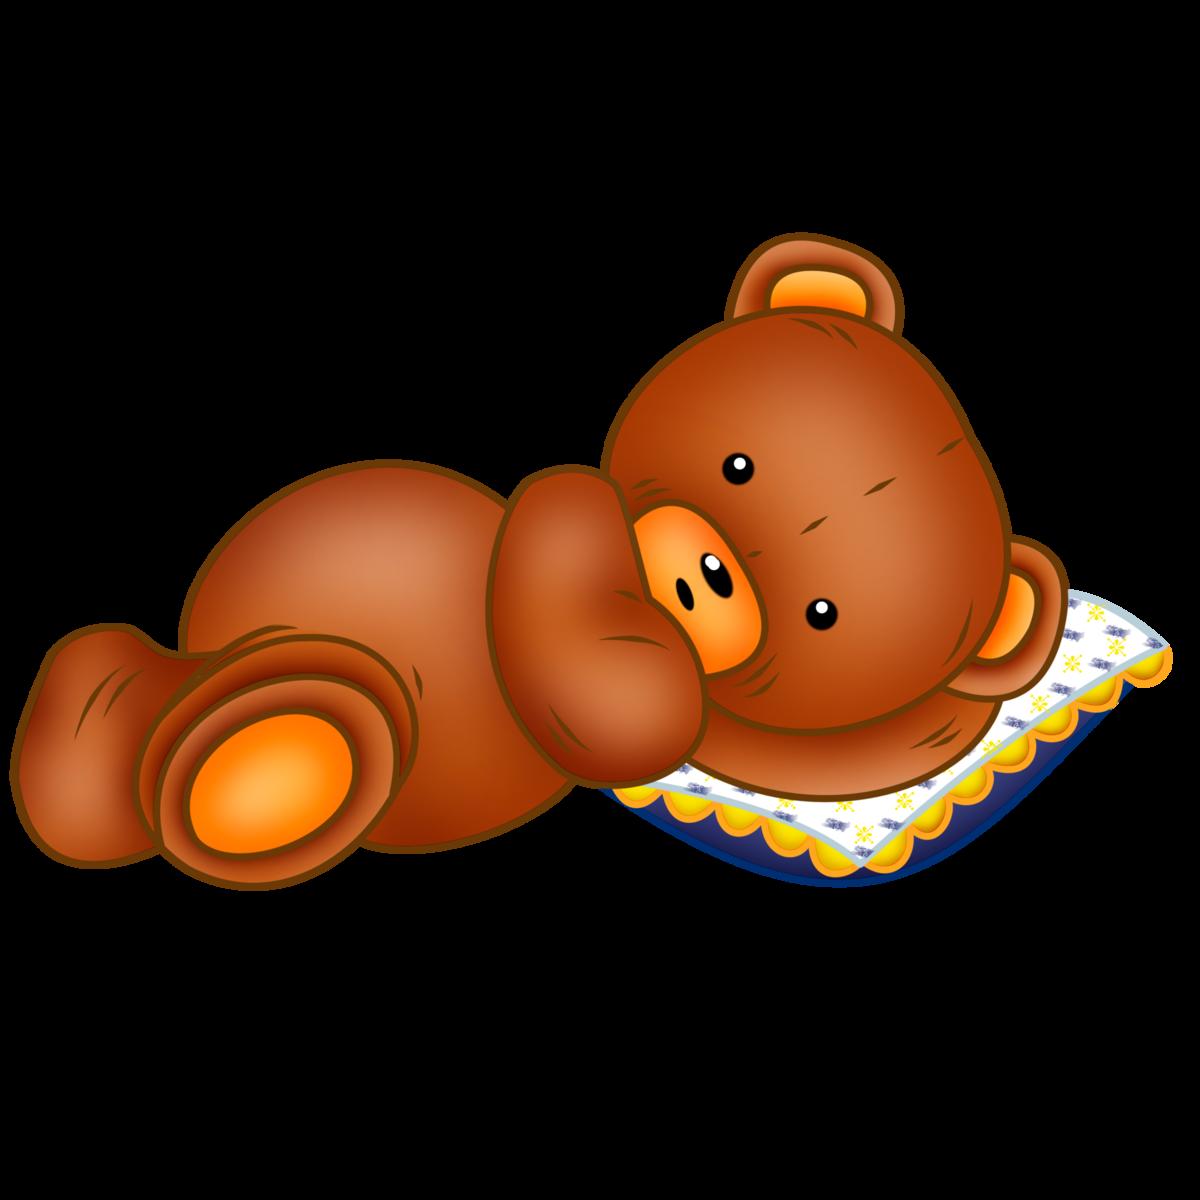 Утро пятница, картинка медвежата для детей на белом фоне